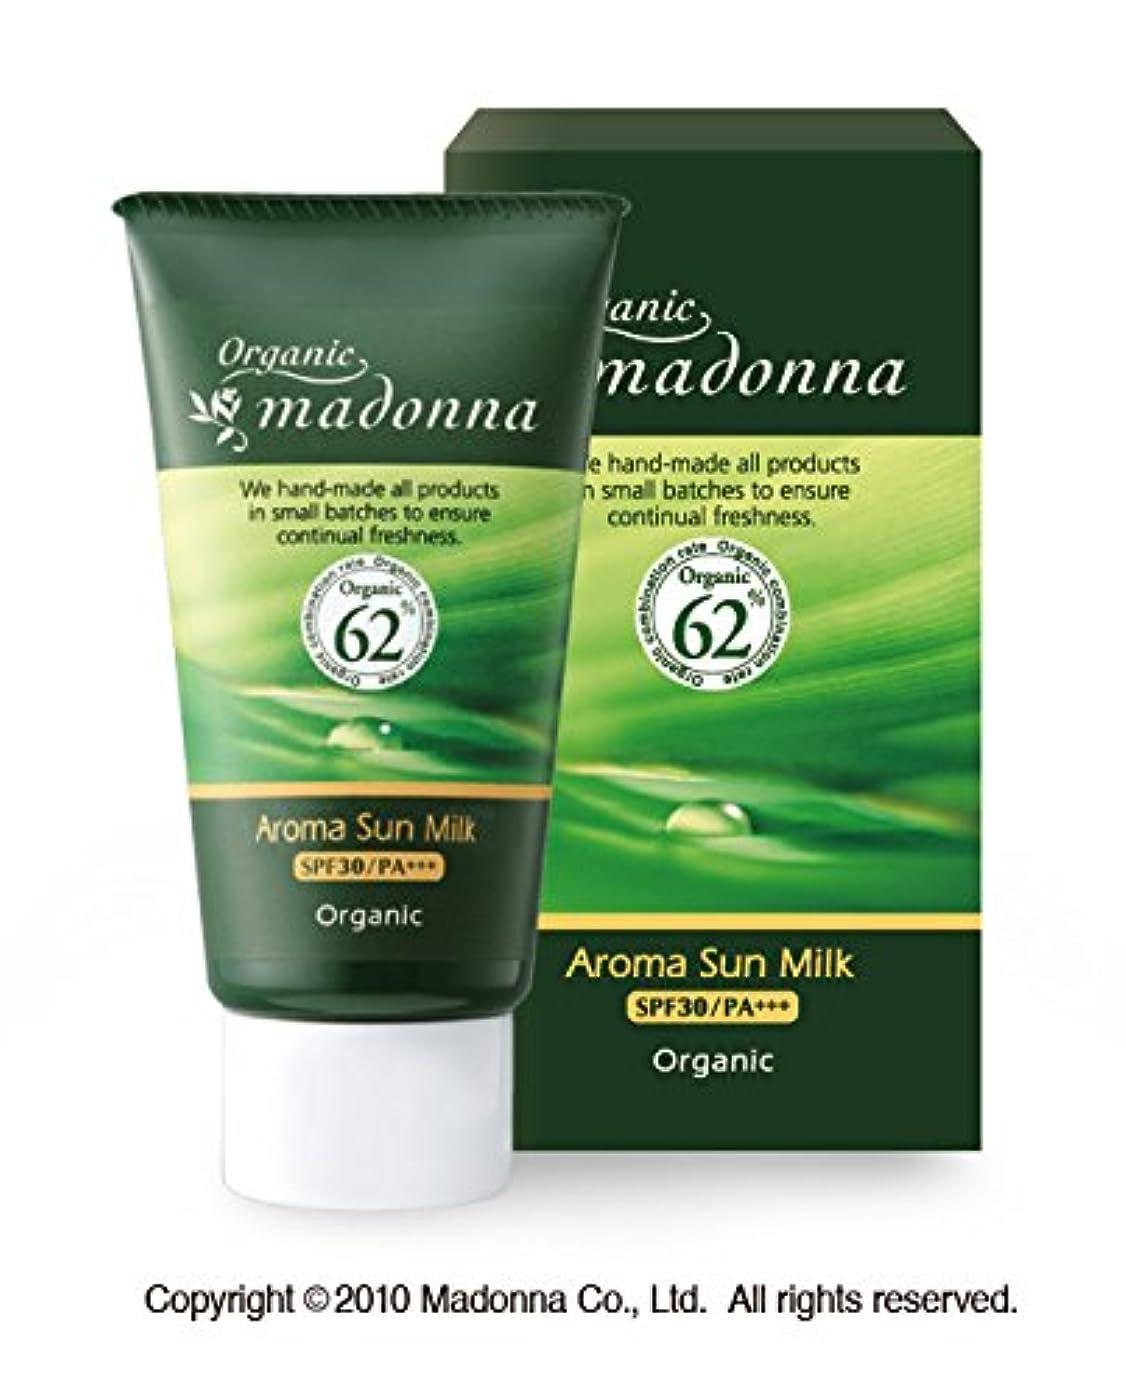 ラフトチャット動オーガニックマドンナ アロマサンミルク45g(SPF30/PA+++)<オーガニック62%配合>